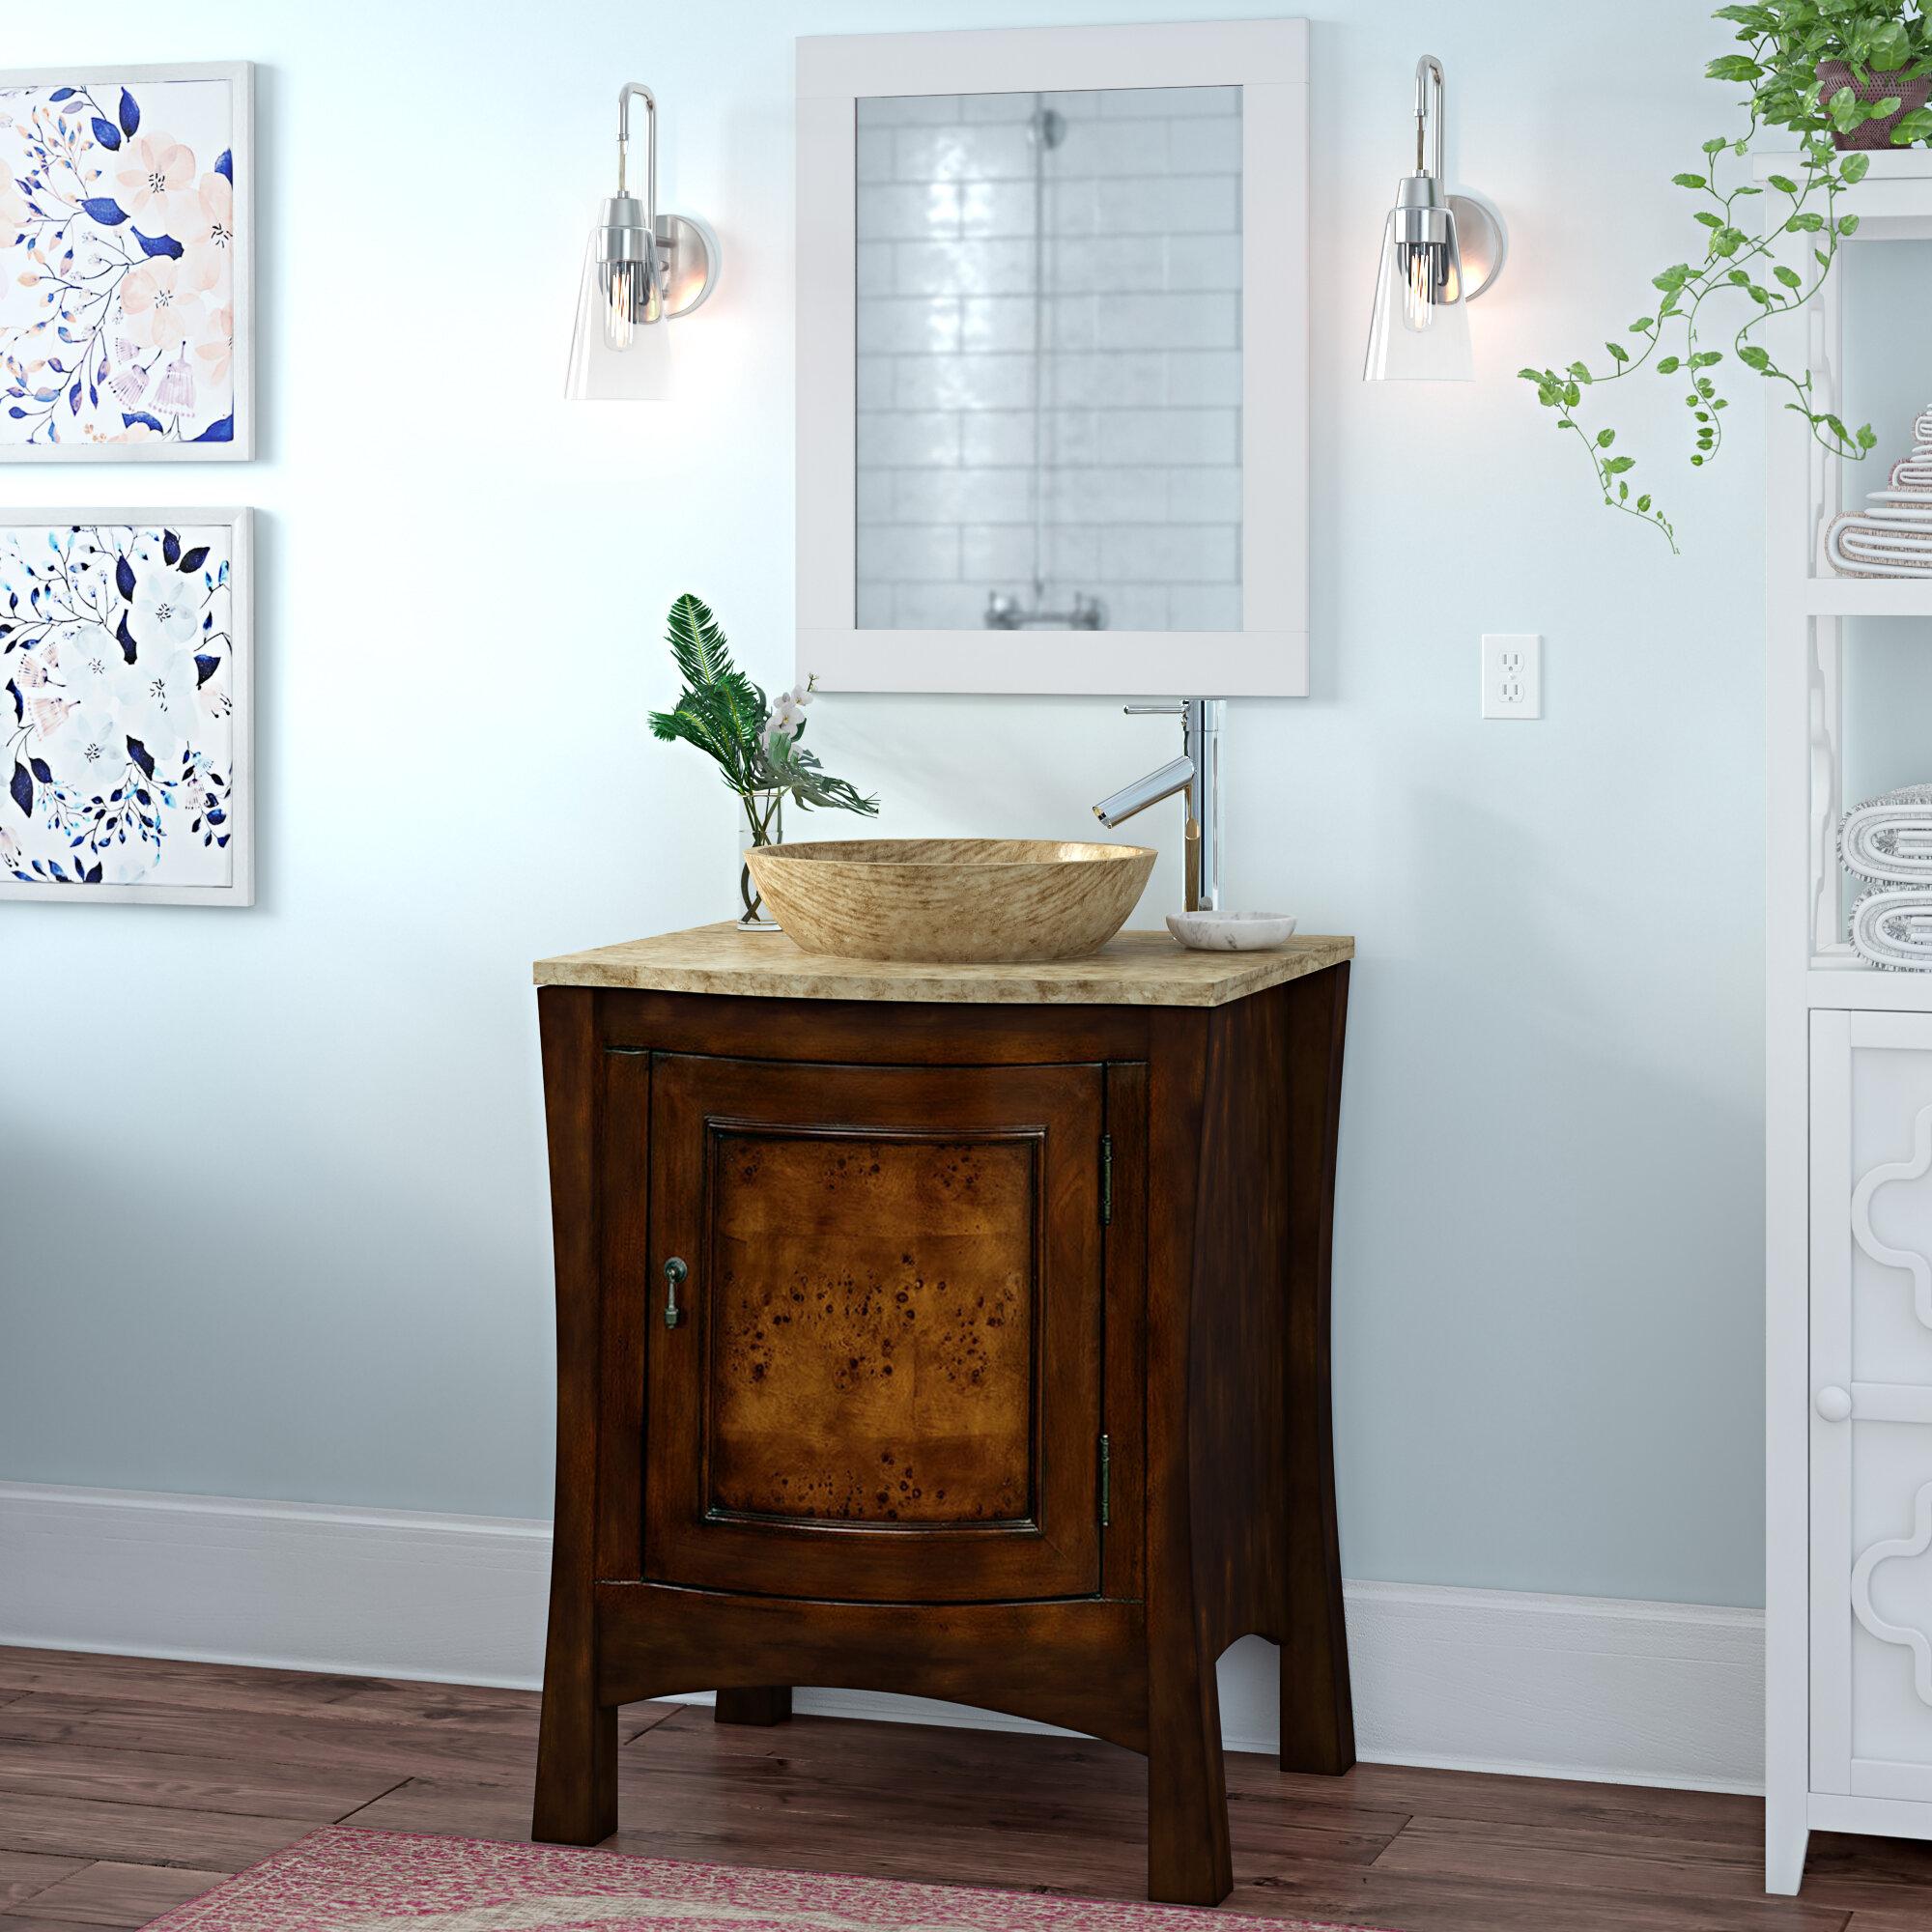 Bloomsbury Market Crisler 26 Single Bathroom Vanity Set Reviews Wayfair